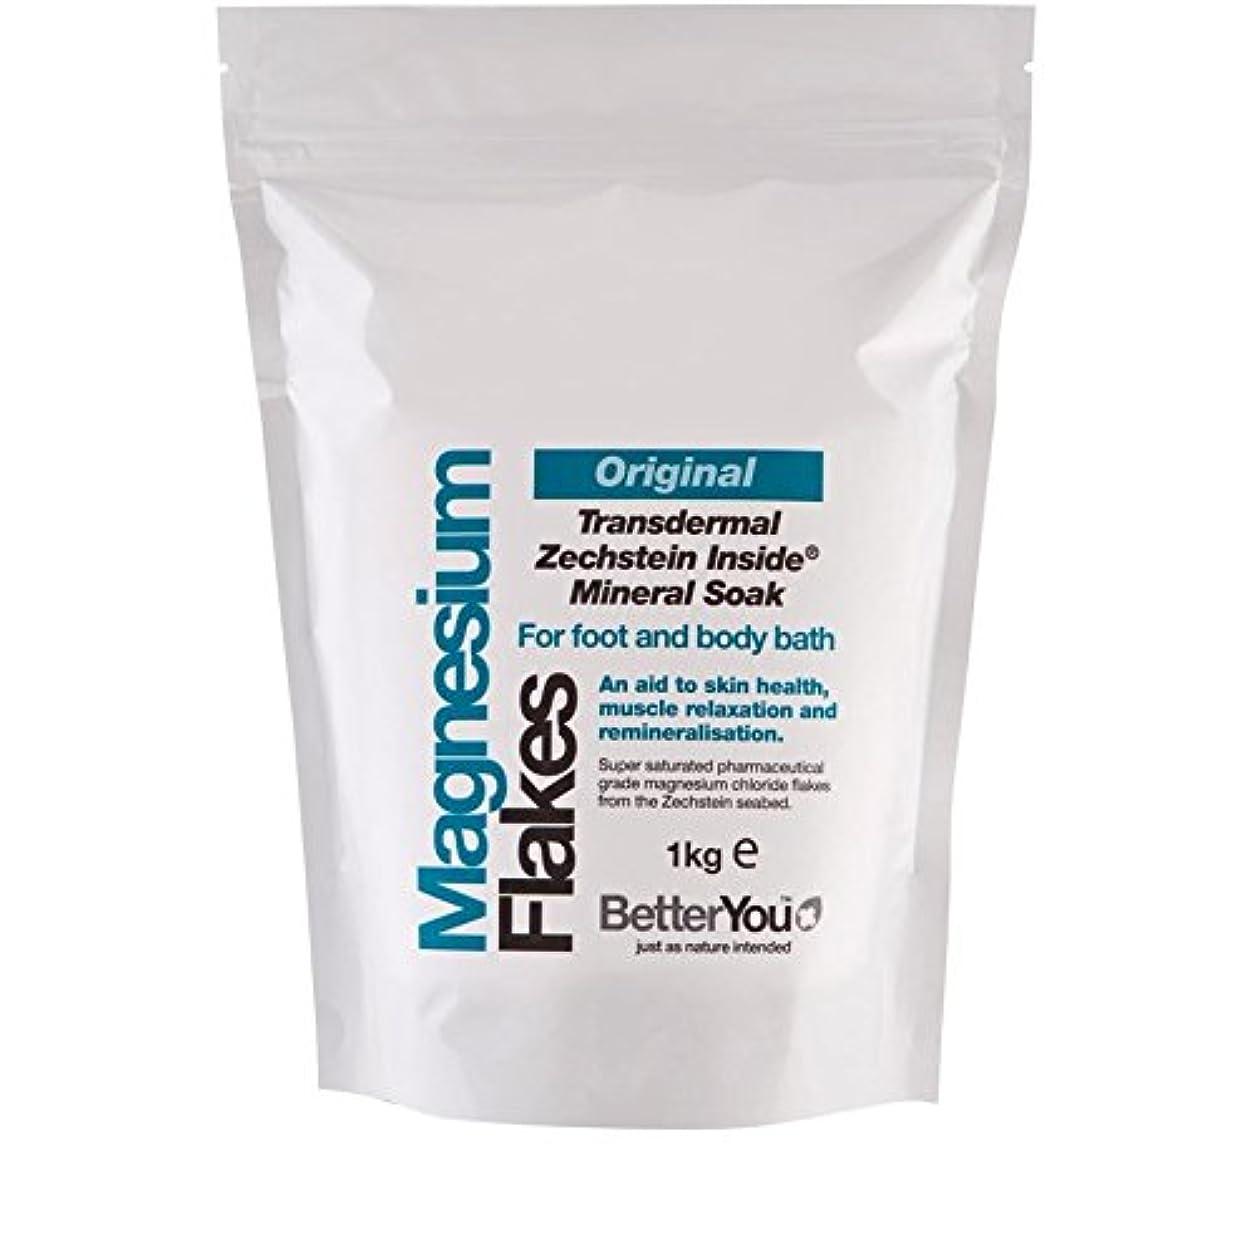 批評損傷ドリンクより良いあなたマグネシウムフレーク元1キロ x4 - Better you Magnesium Flakes Original 1kg (Pack of 4) [並行輸入品]